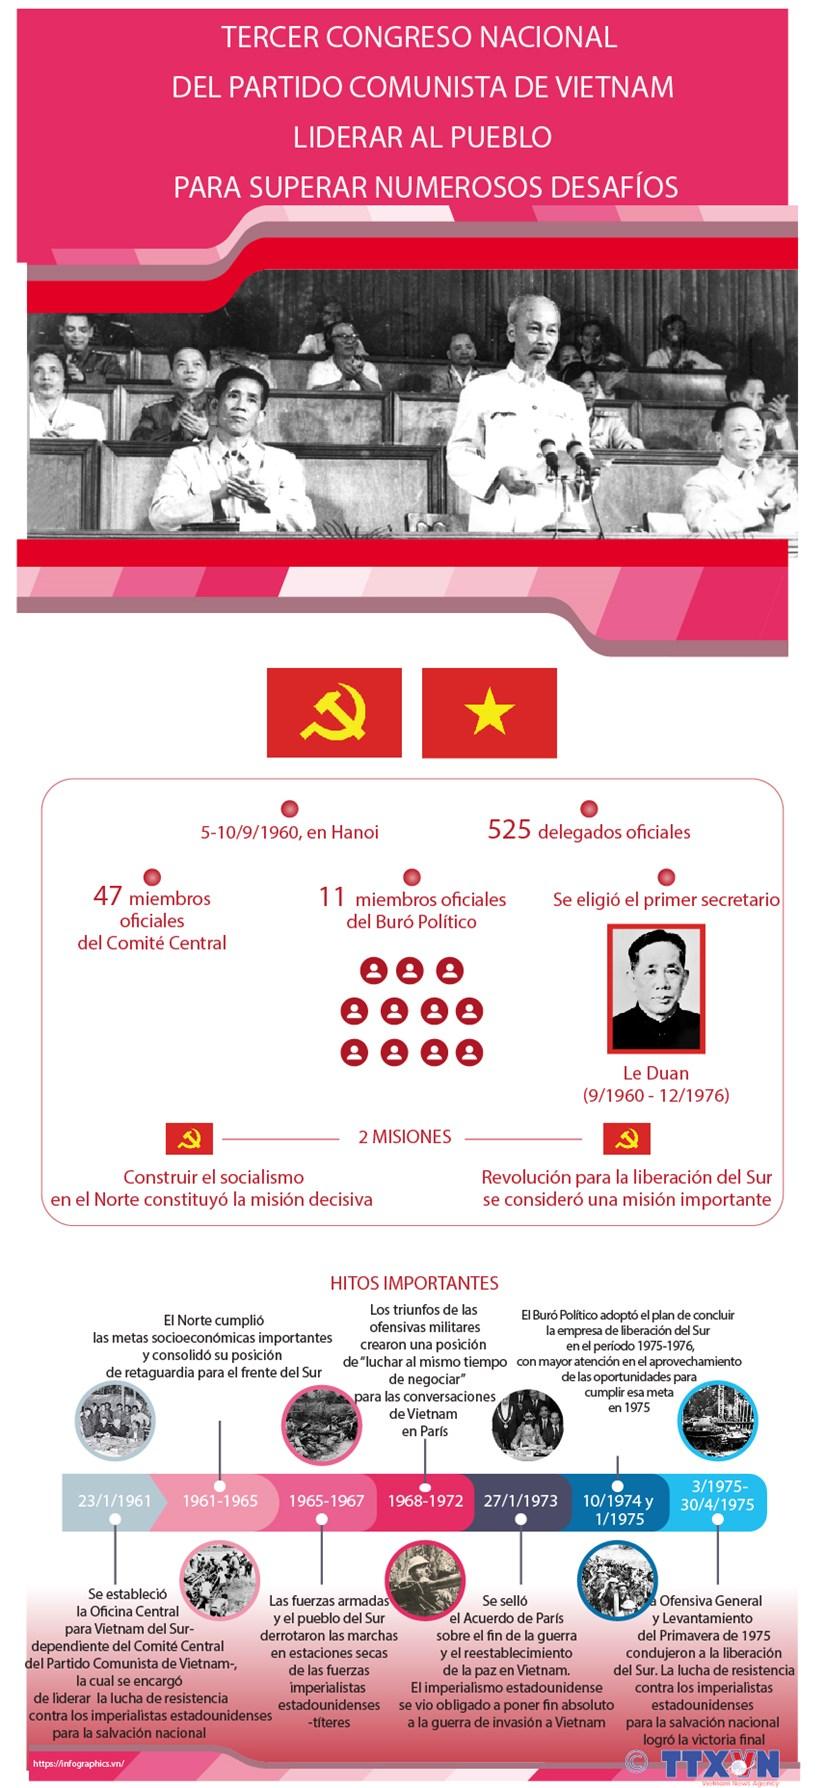 III Congreso Nacional del Partido Comunista de Vietnam: liderar al pueblo para superar desafios hinh anh 1